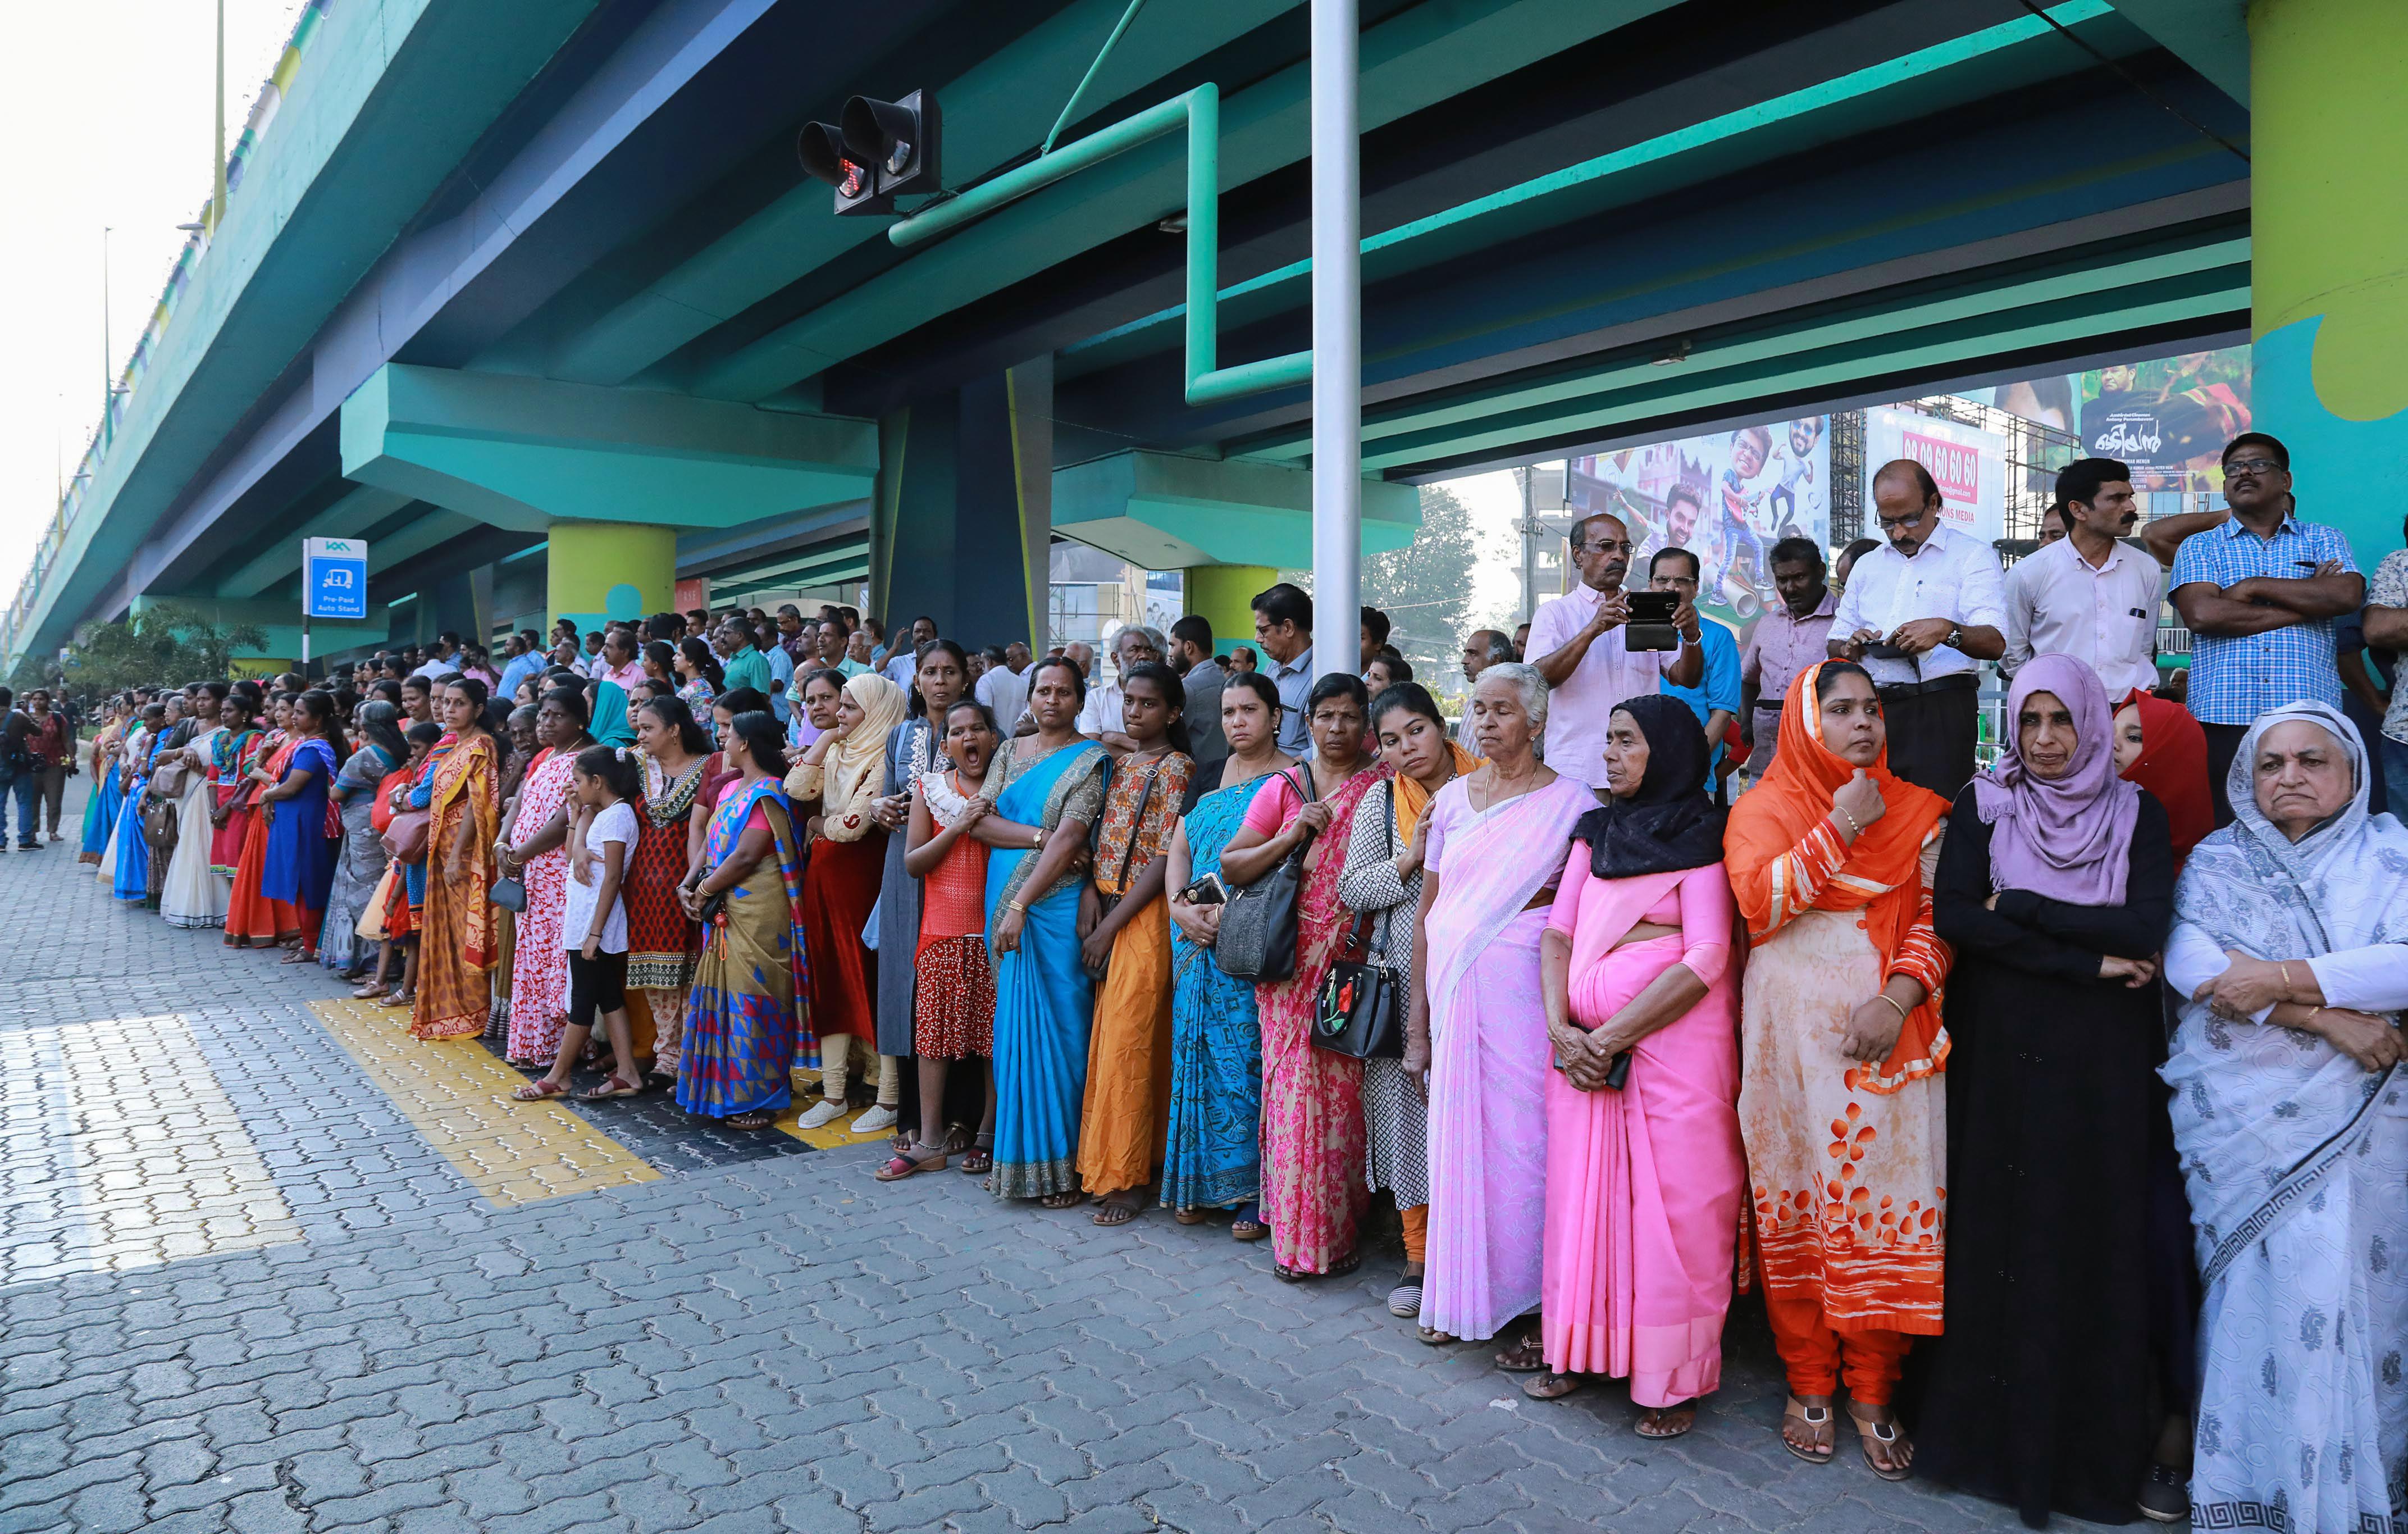 Leállt a kormányzat Keralában, miután két nő lépett be egy hindu templomba